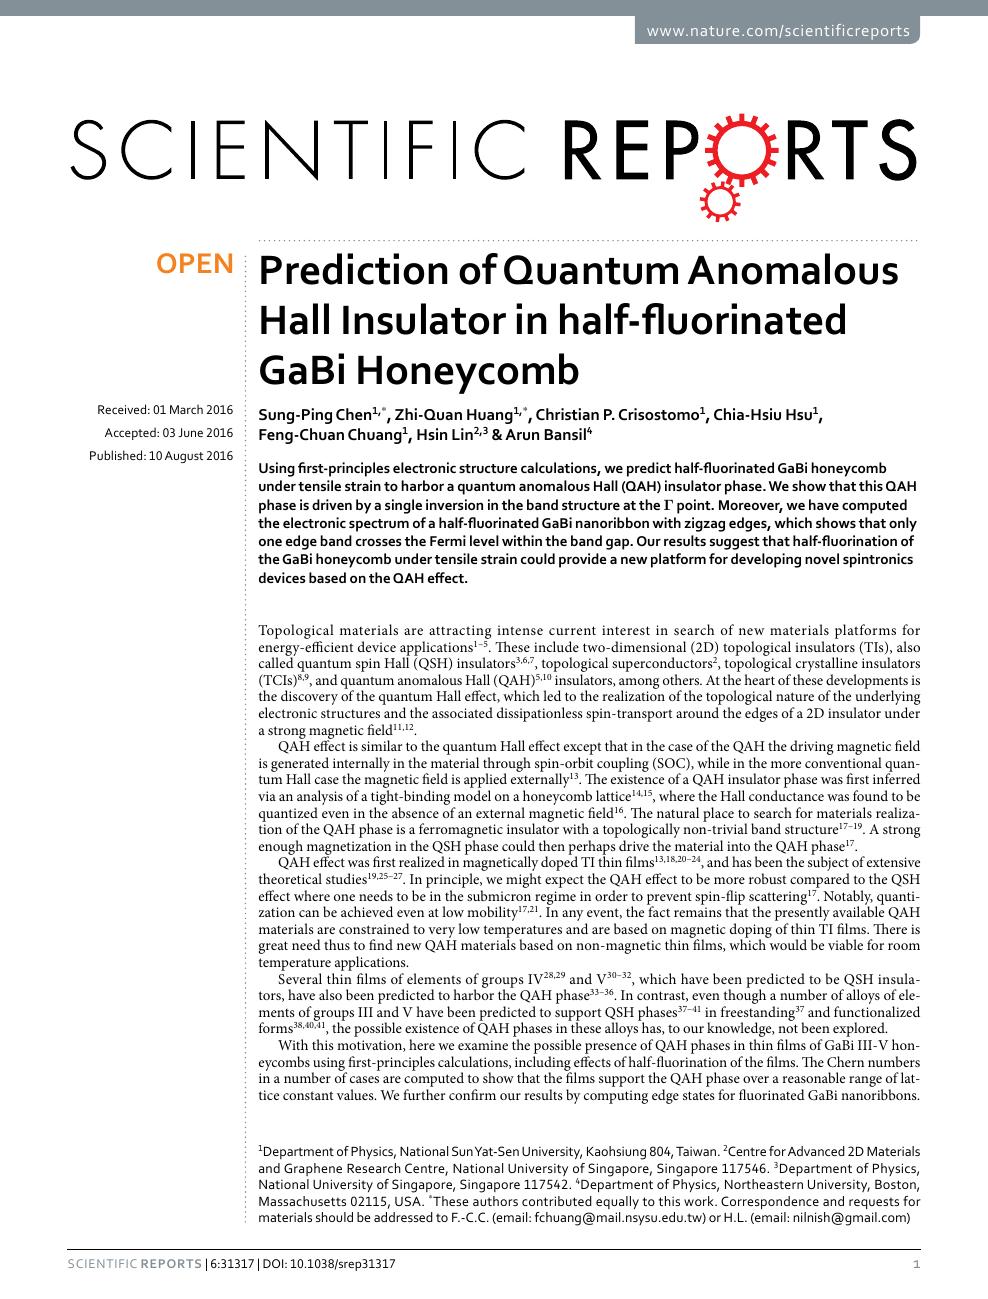 Prediction of Quantum Anomalous Hall Insulator in half-fluorinated